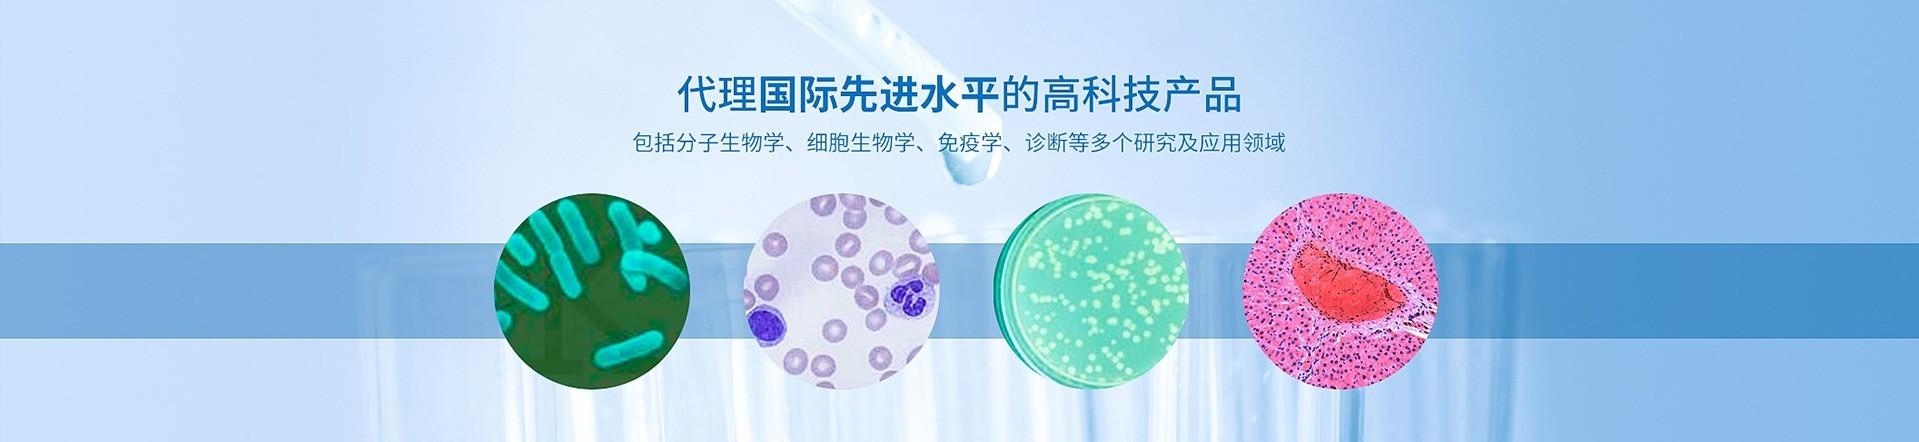 上海莼试生物技术有限公司